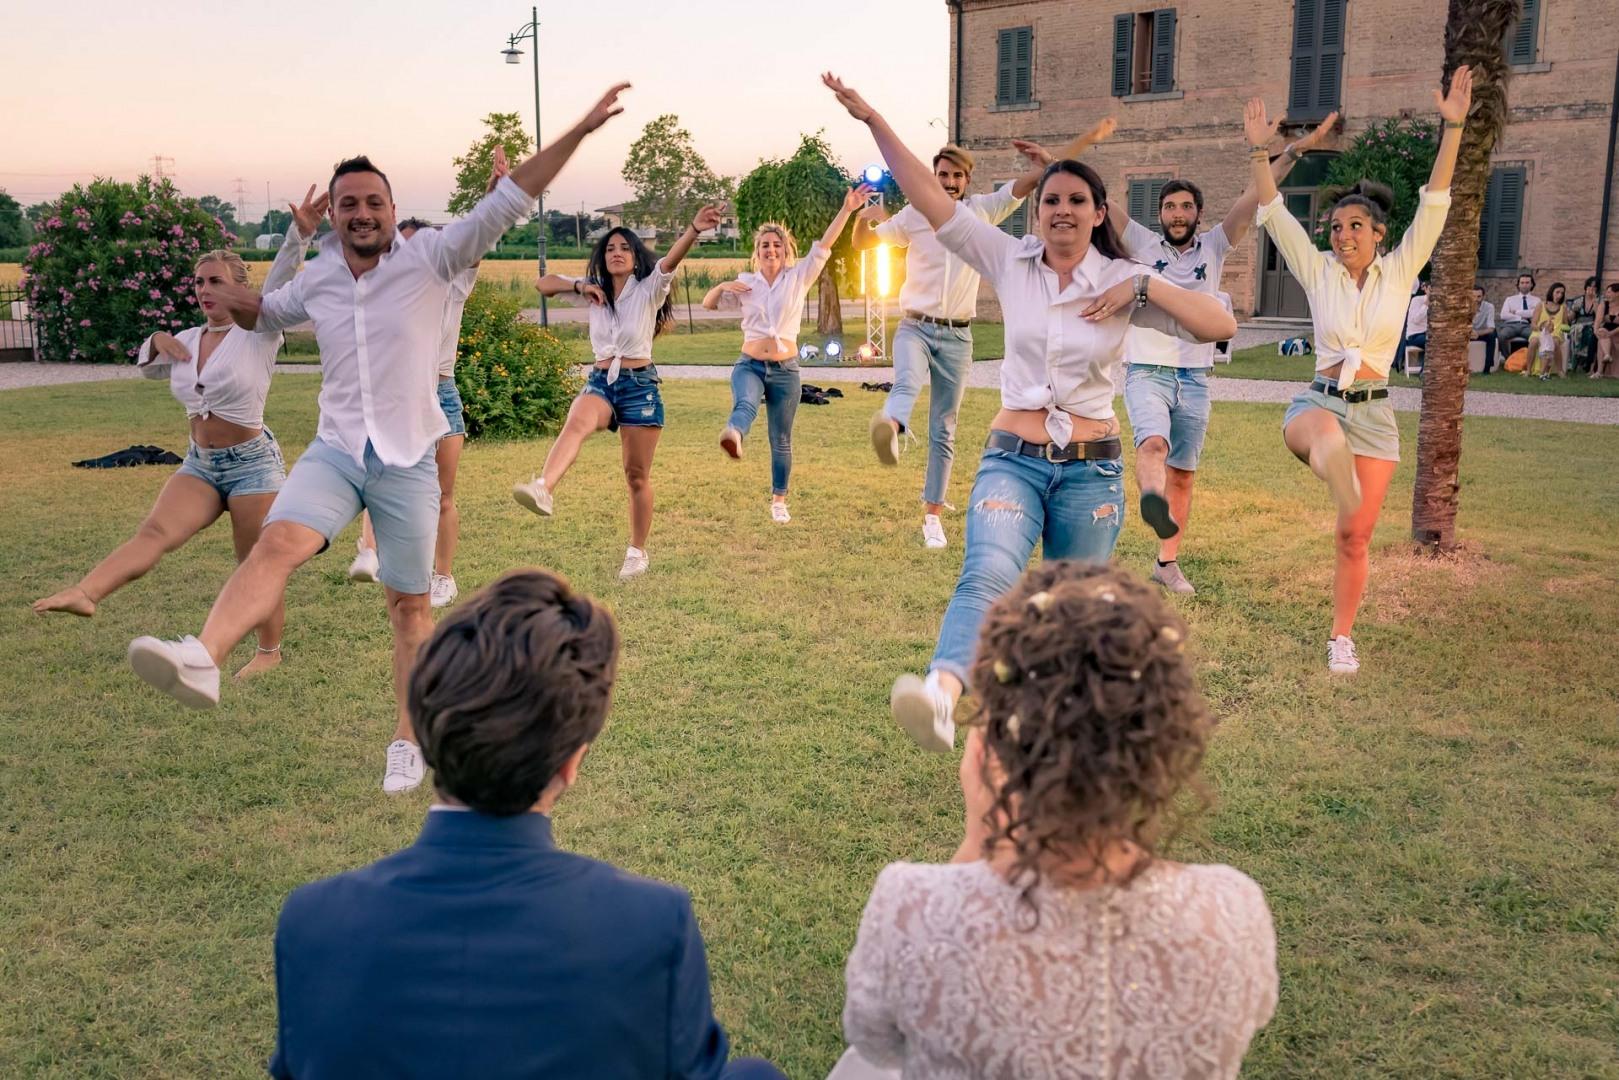 nicola-da-lio-wedding-photographer-venezia-treviso-padova-veneto-italia-145